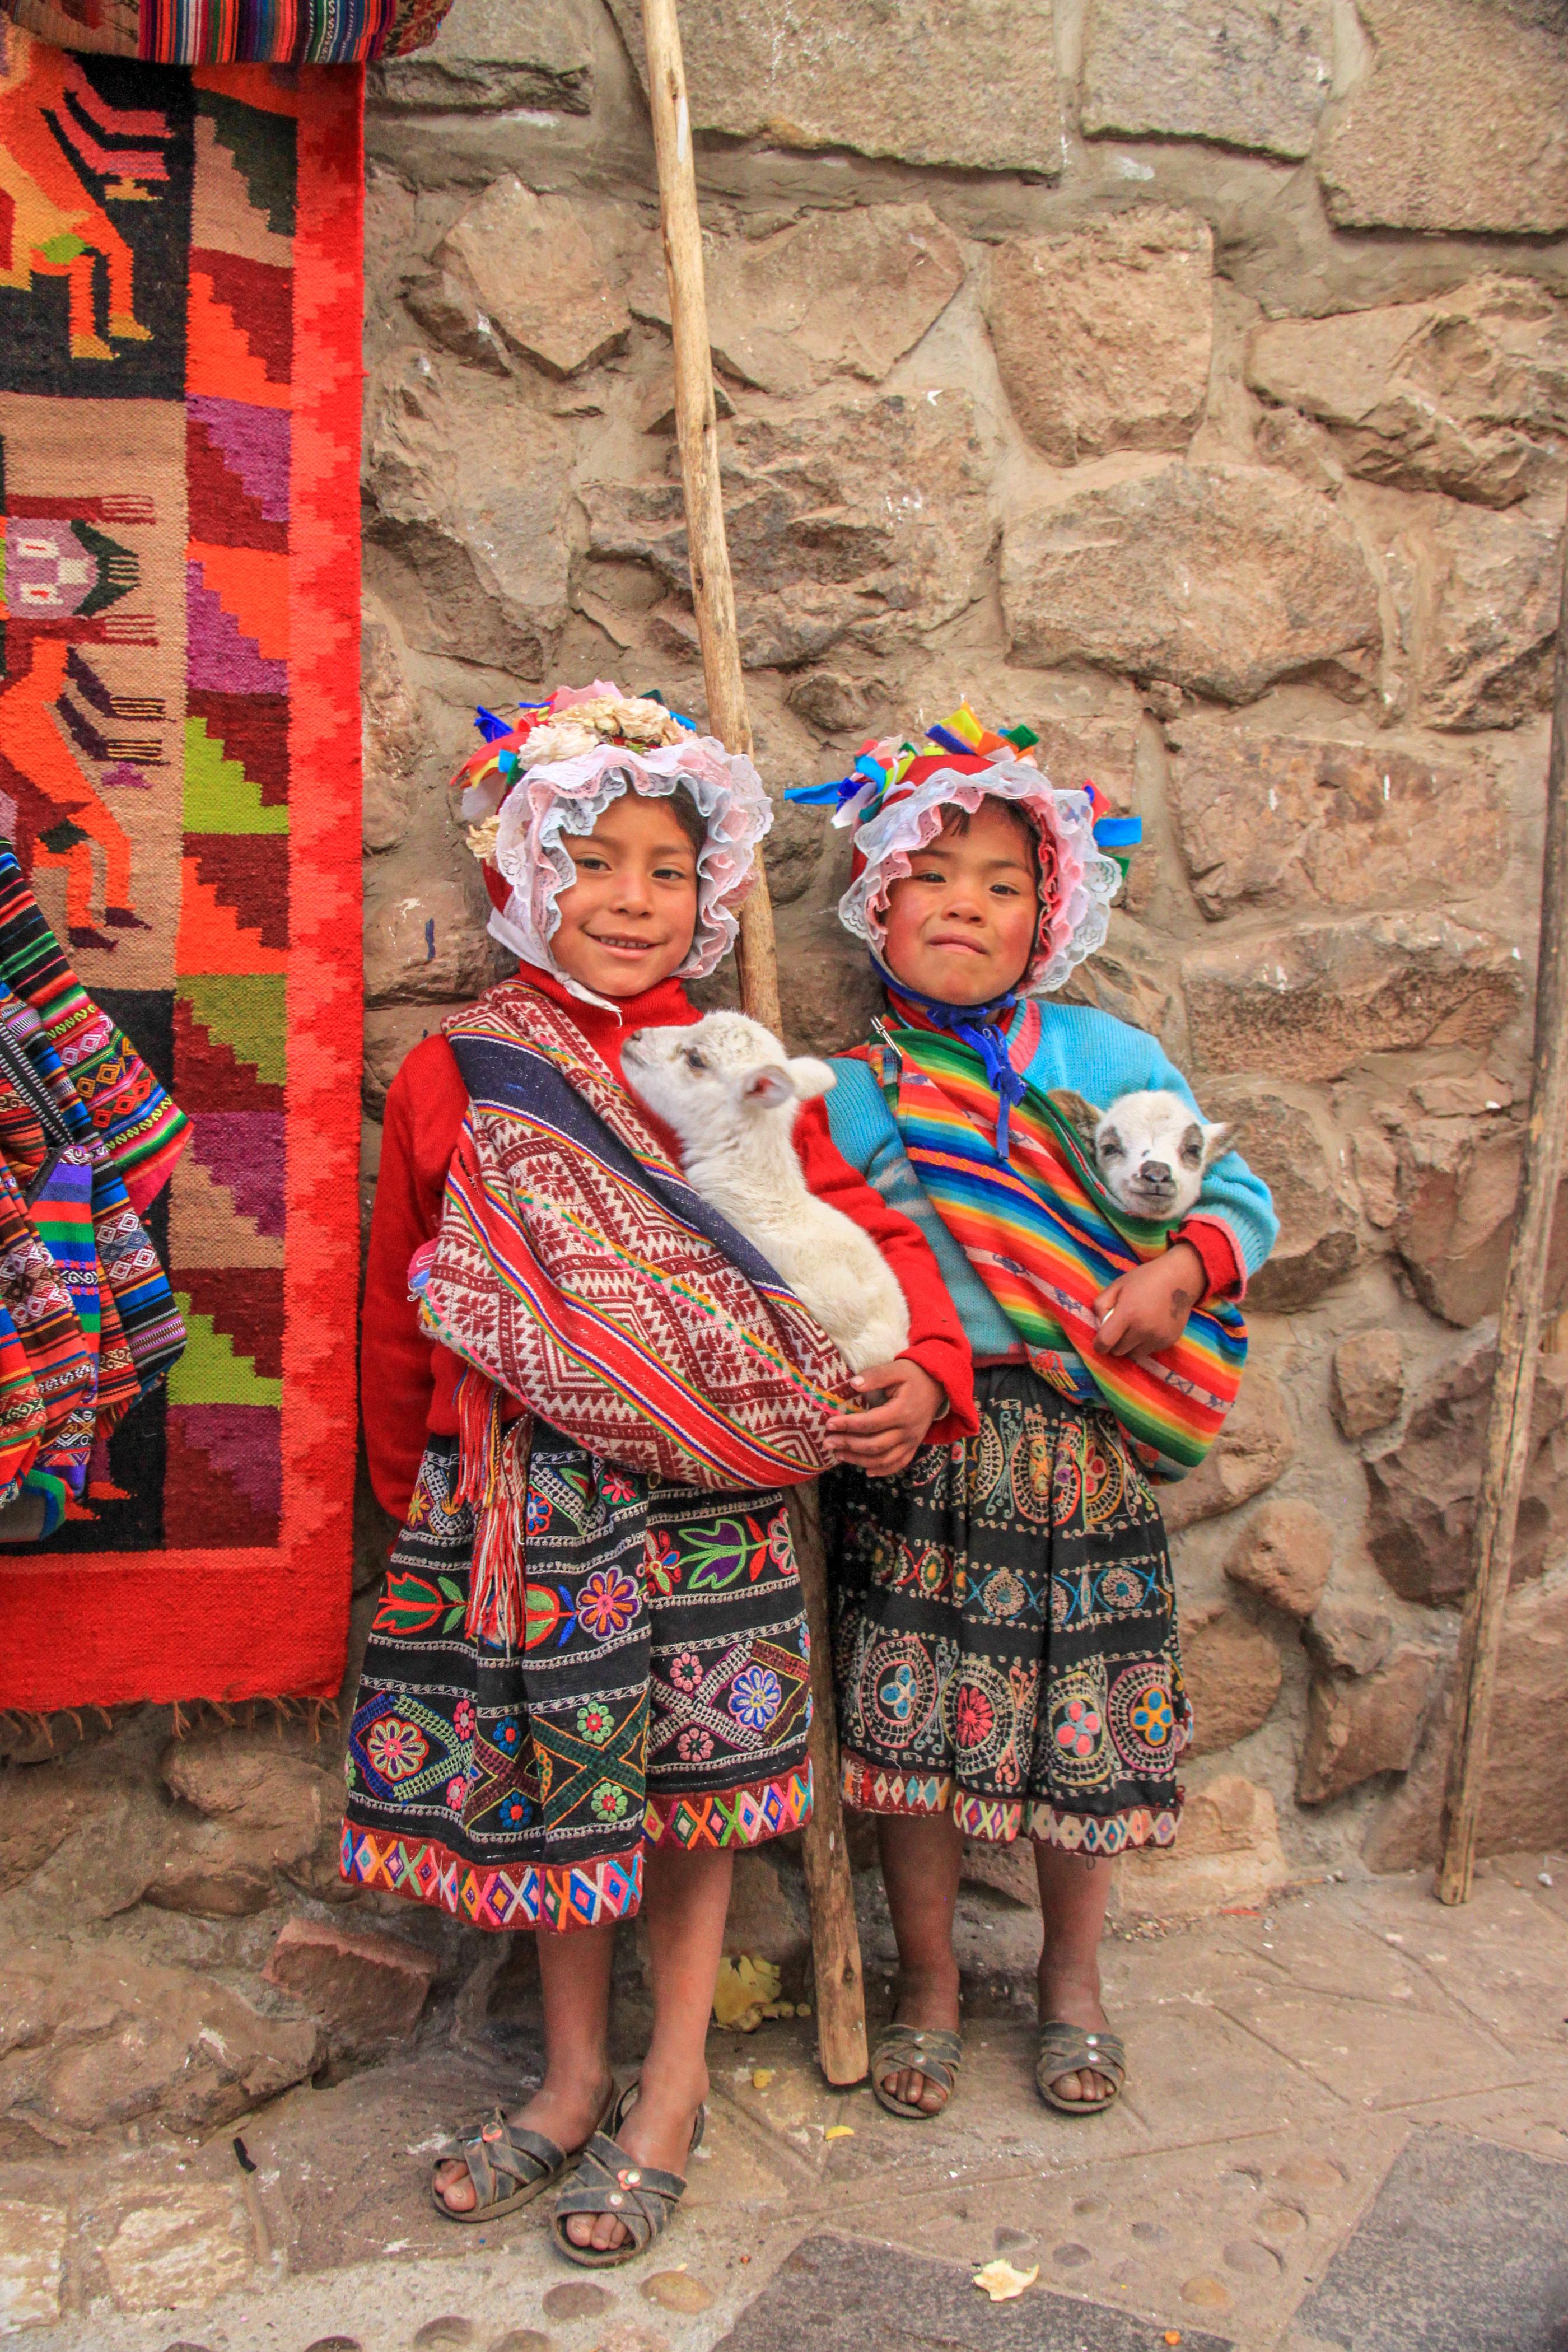 Locals in Cusco